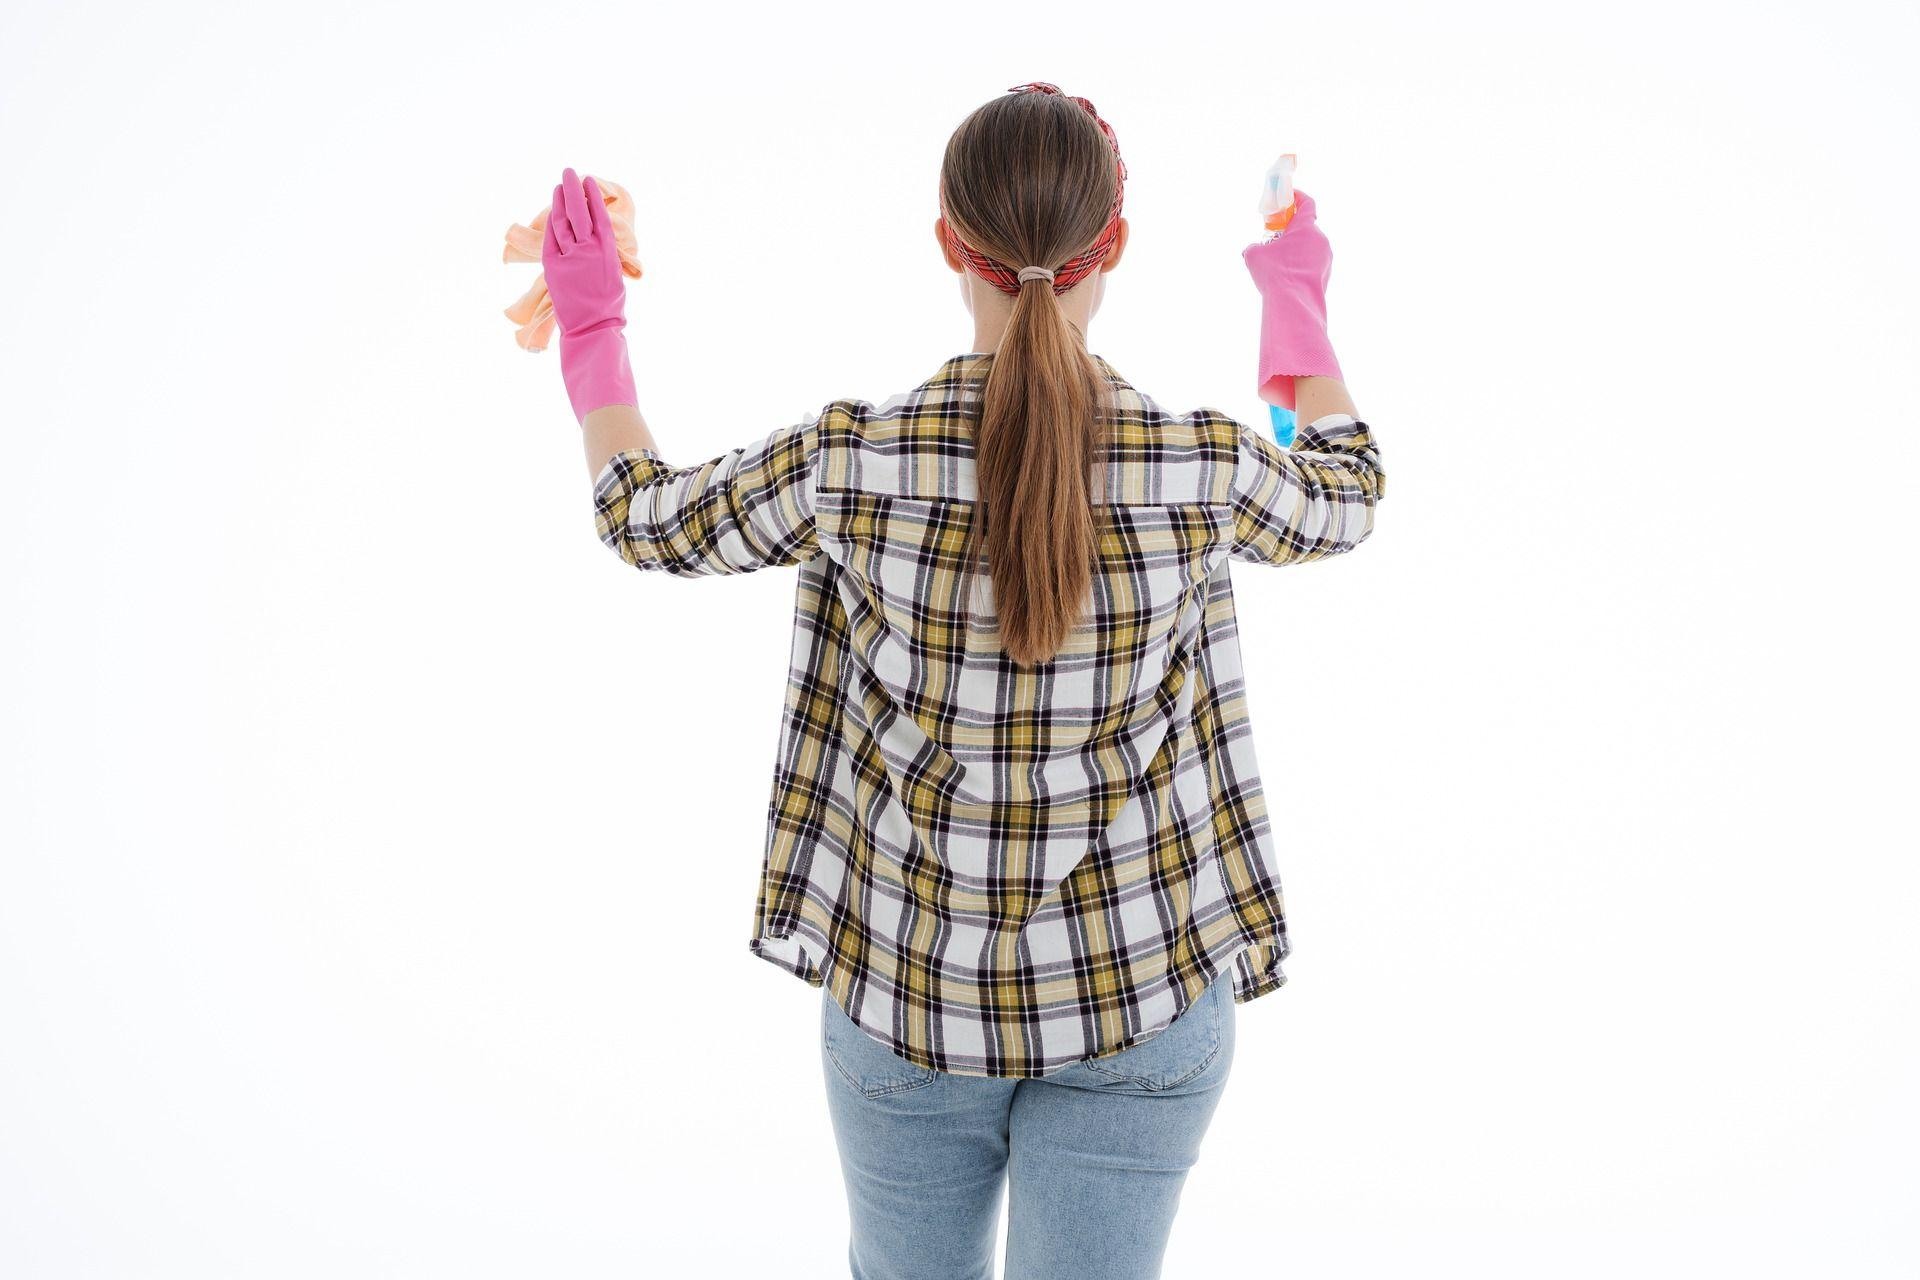 Acrylglas richtig reinigen